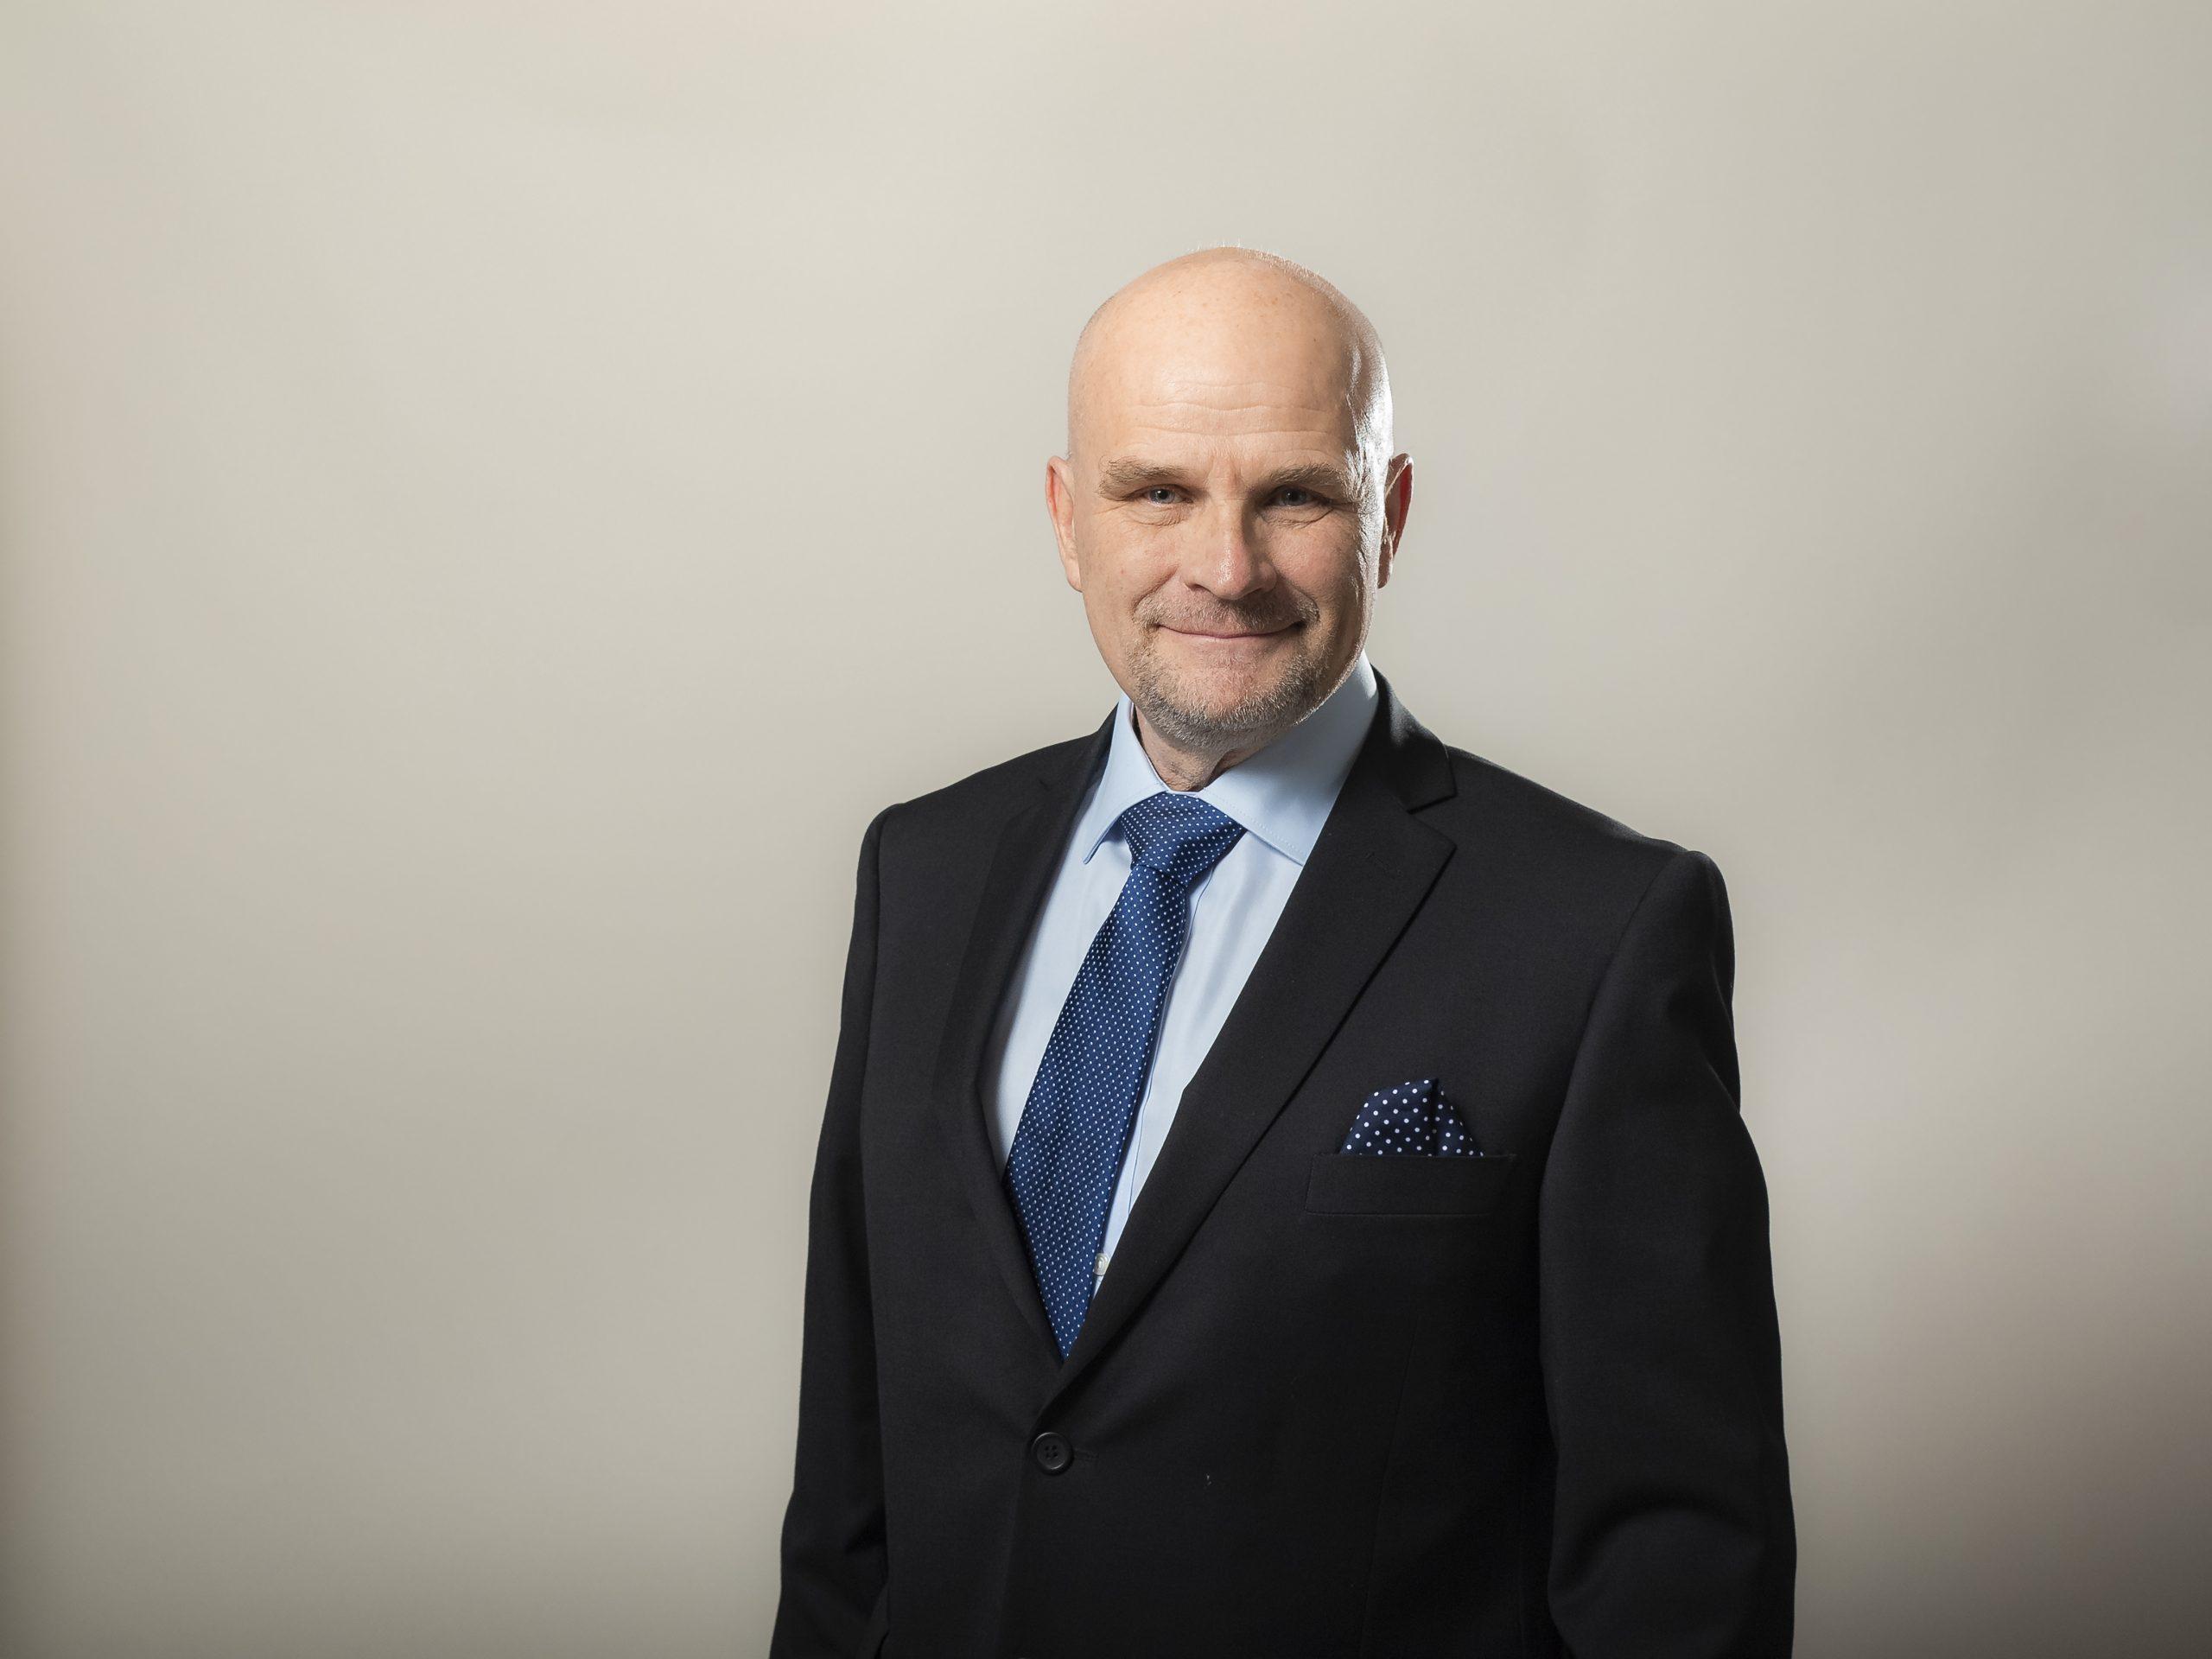 Hallituksen jäsen Pekka Haltia